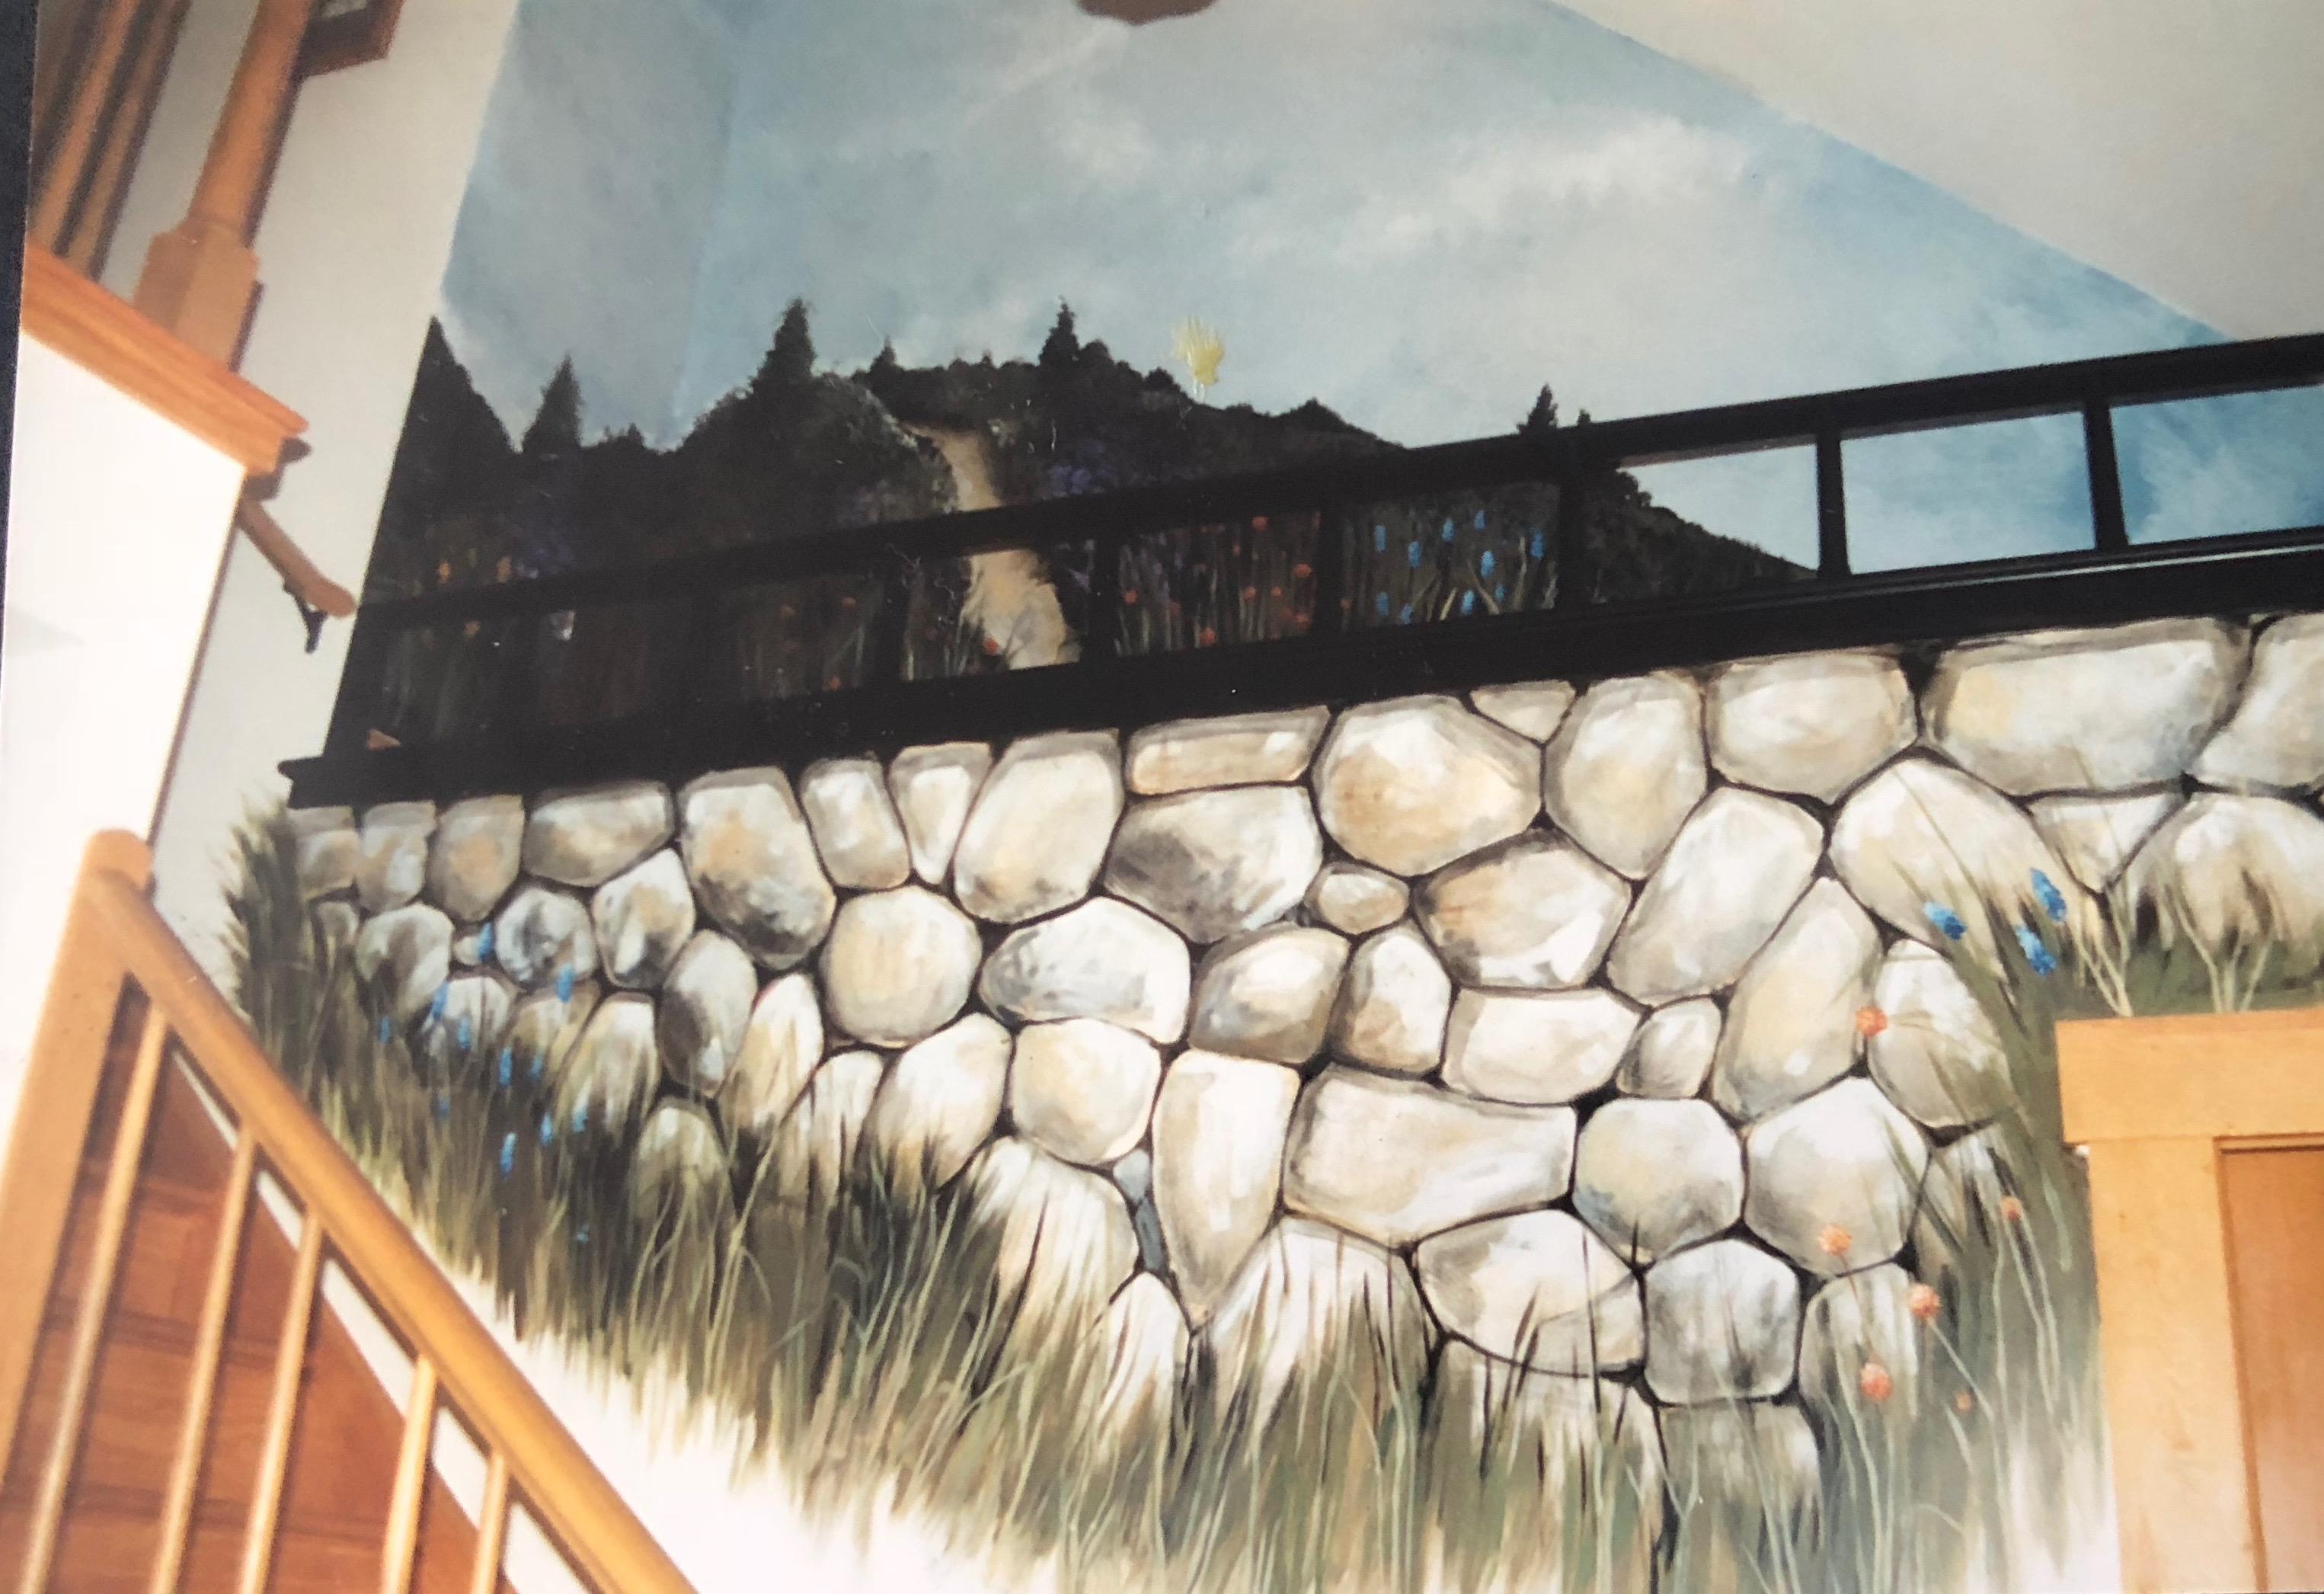 interiormuralsstairsmural#2